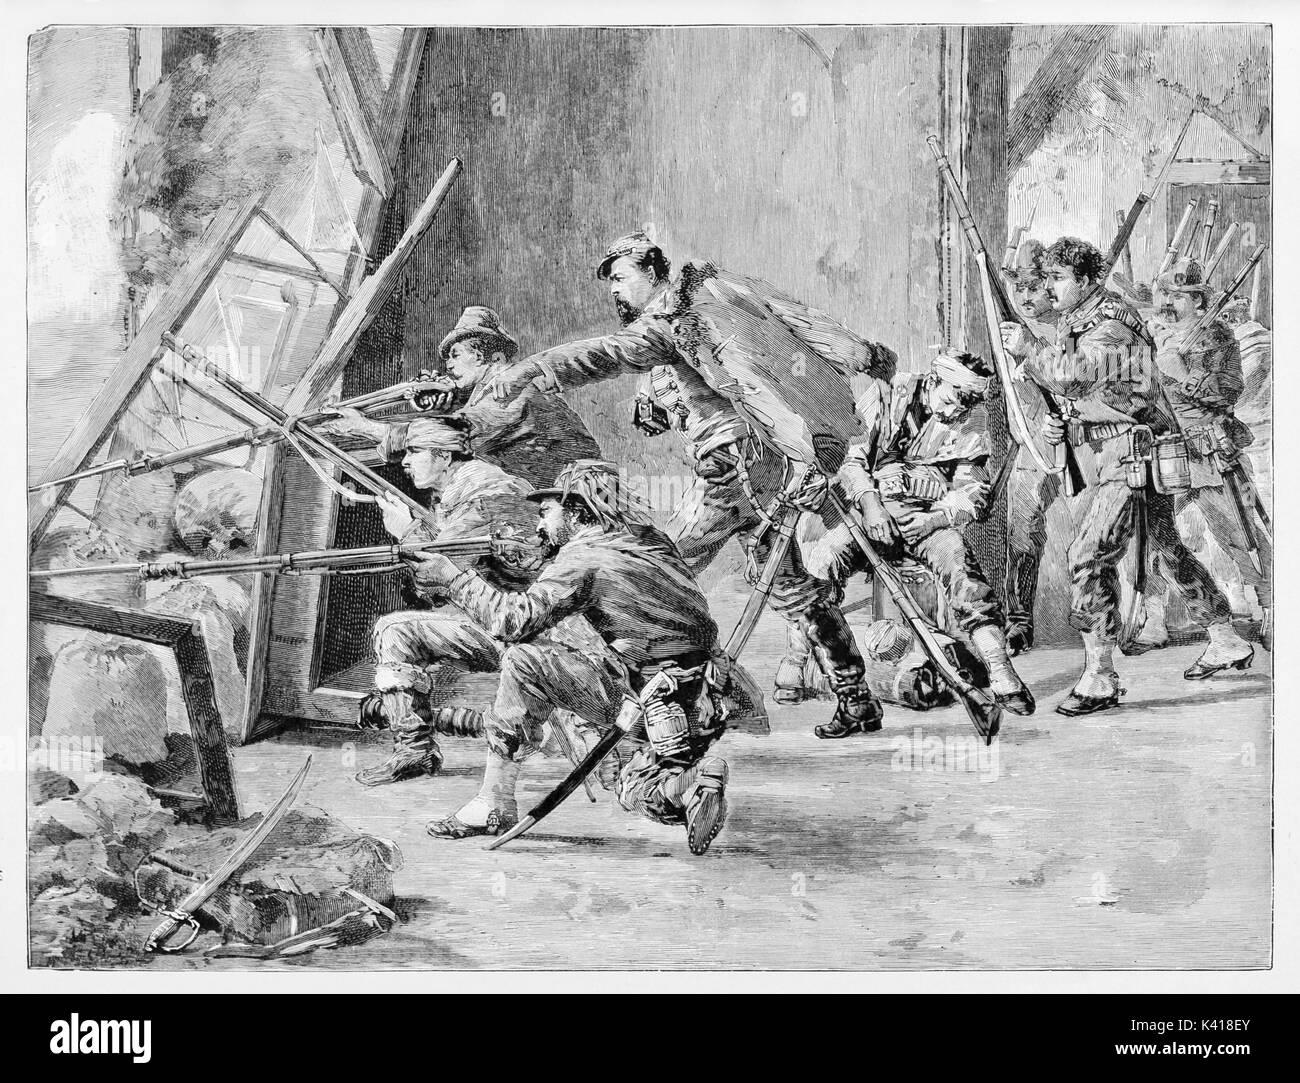 Antica soldati sparare da una finestra in una stanza in rovina. Giacomo Medici  e i suoi 0bf0cb5d2a6c